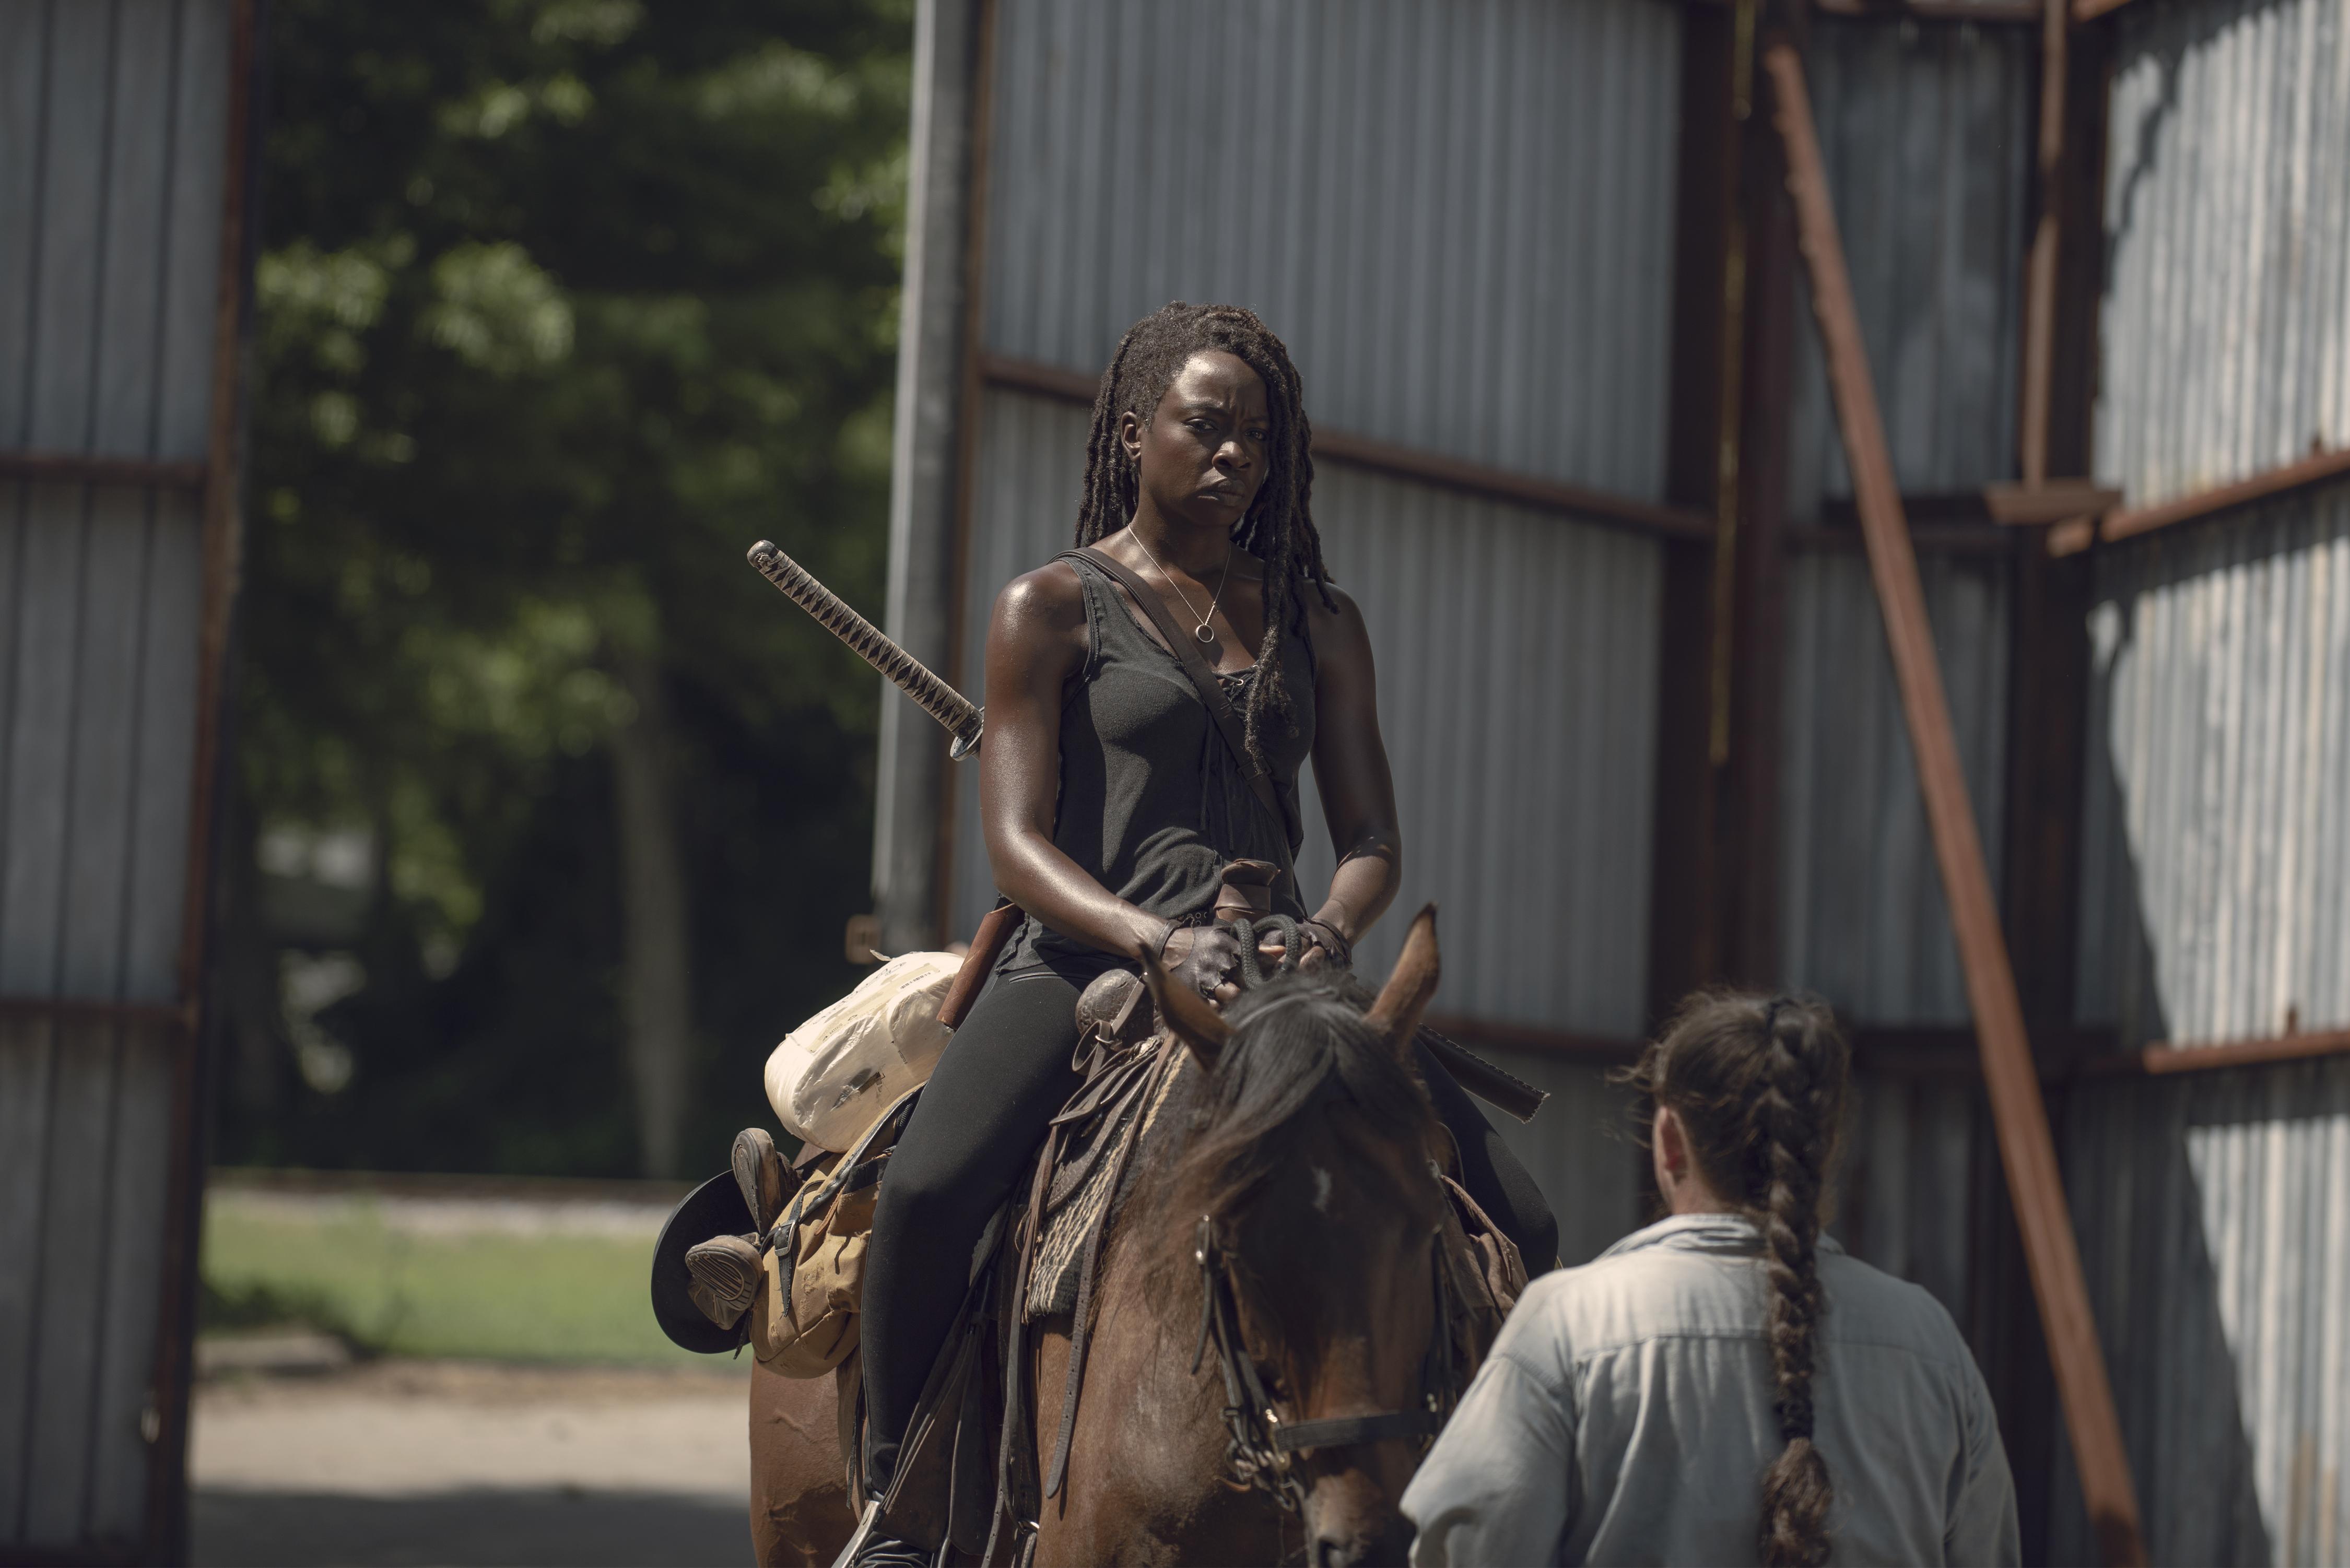 Michonne (Danai Gurira) n'est pas heureuse de la venue des étrangers. - The Walking Dead - Saison 9, Épisode 6 - Crédit photo : Gene Page/AMC